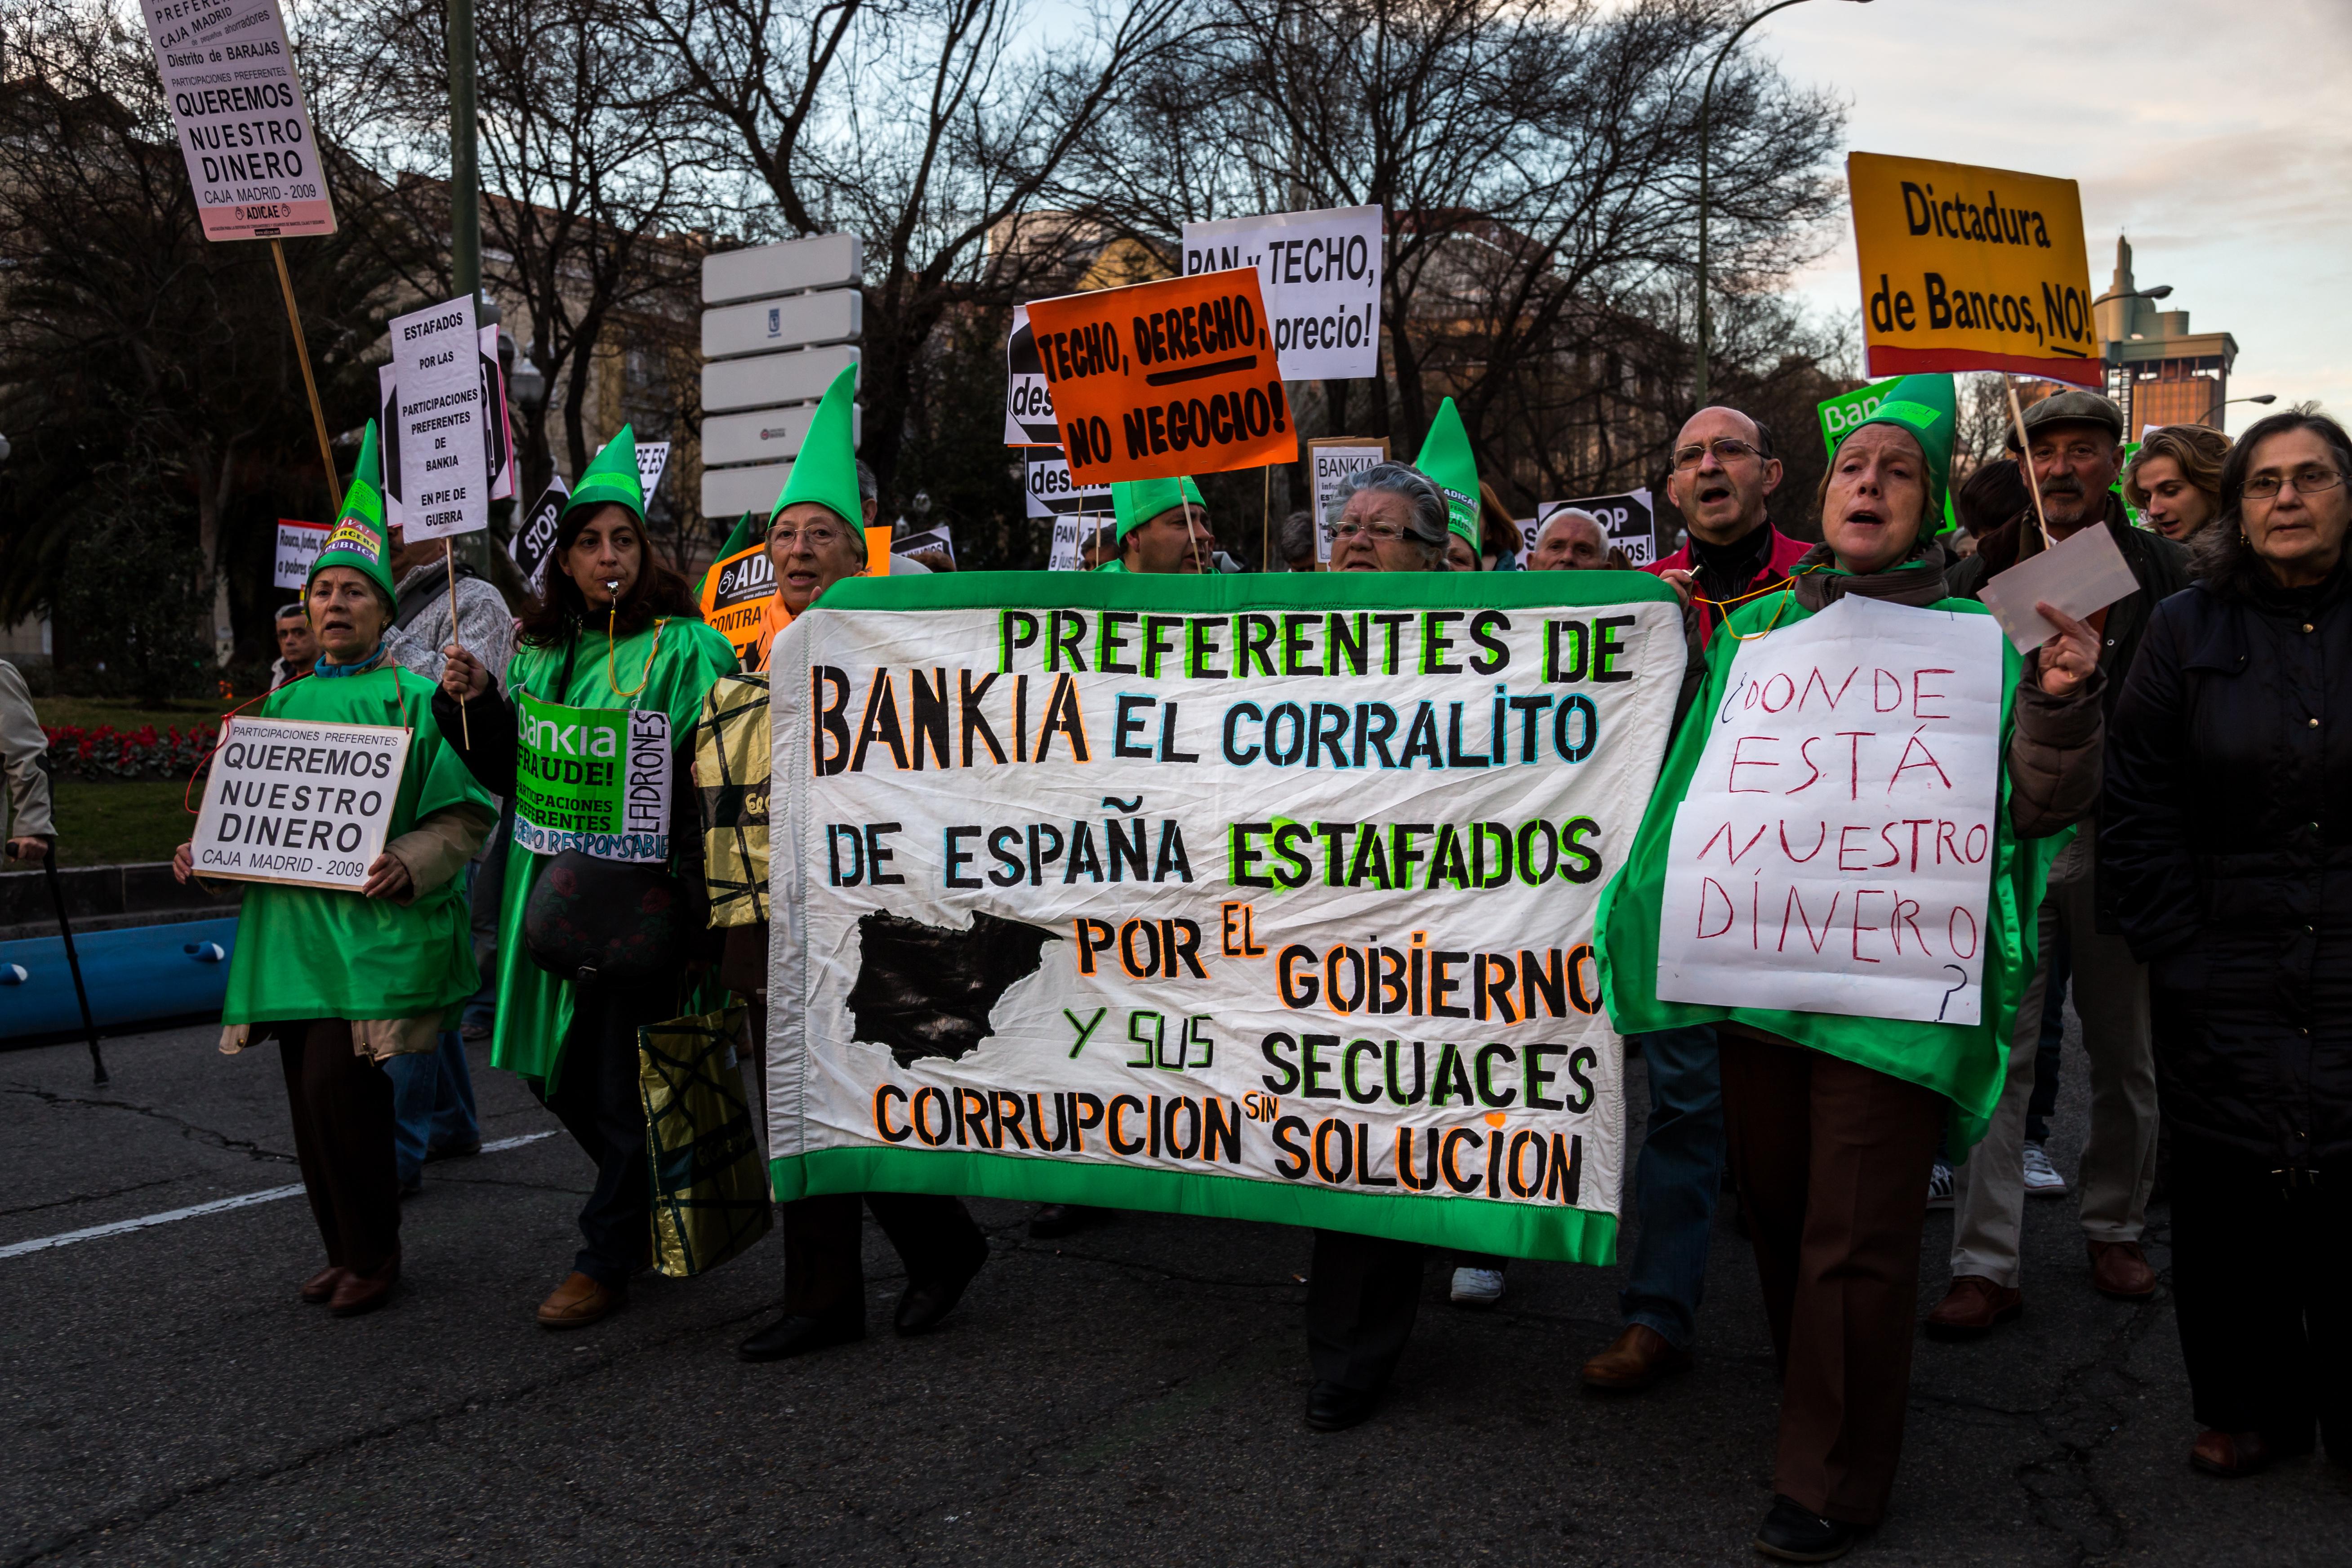 Madrid_-_Manifestación_antidesahucios_-_130216_184416 Bueno, bonito y barato: ¿utopía o realidad?